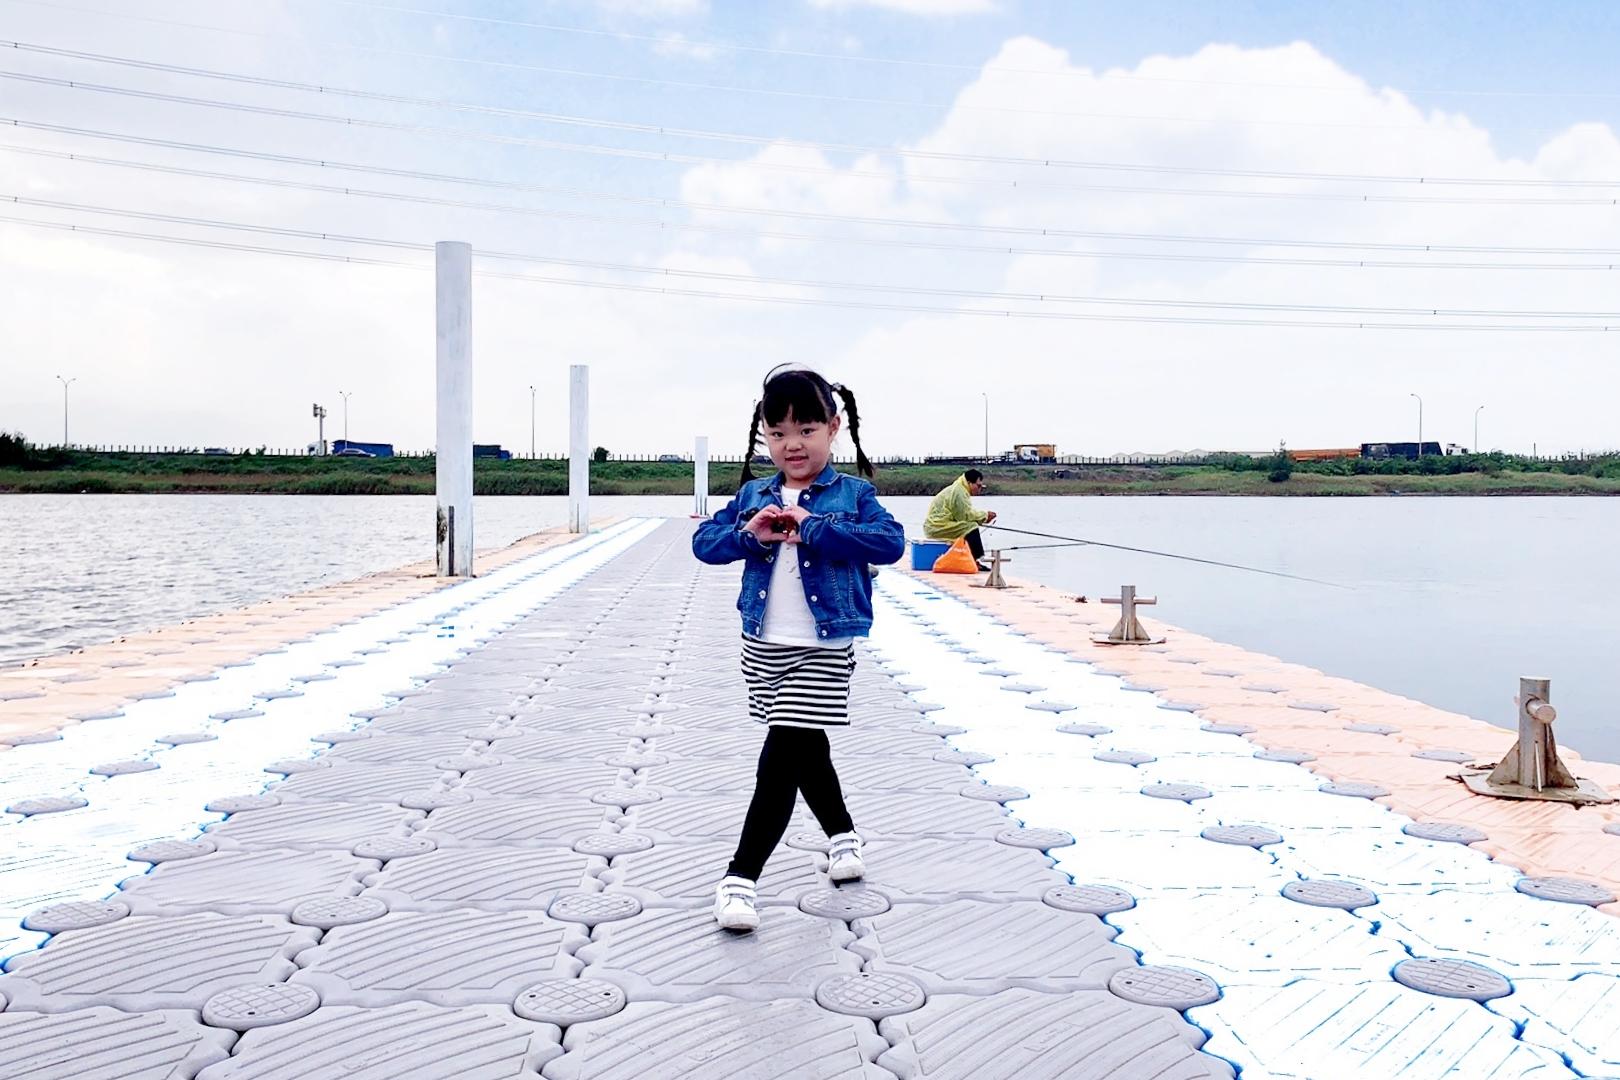 【彰化伸港】白色海豚屋:自然生態教育中心 x 慶安水道 x 蛤蜊軍營 ~ 彰化伸港IG打卡熱門景點 @飛天璇的口袋